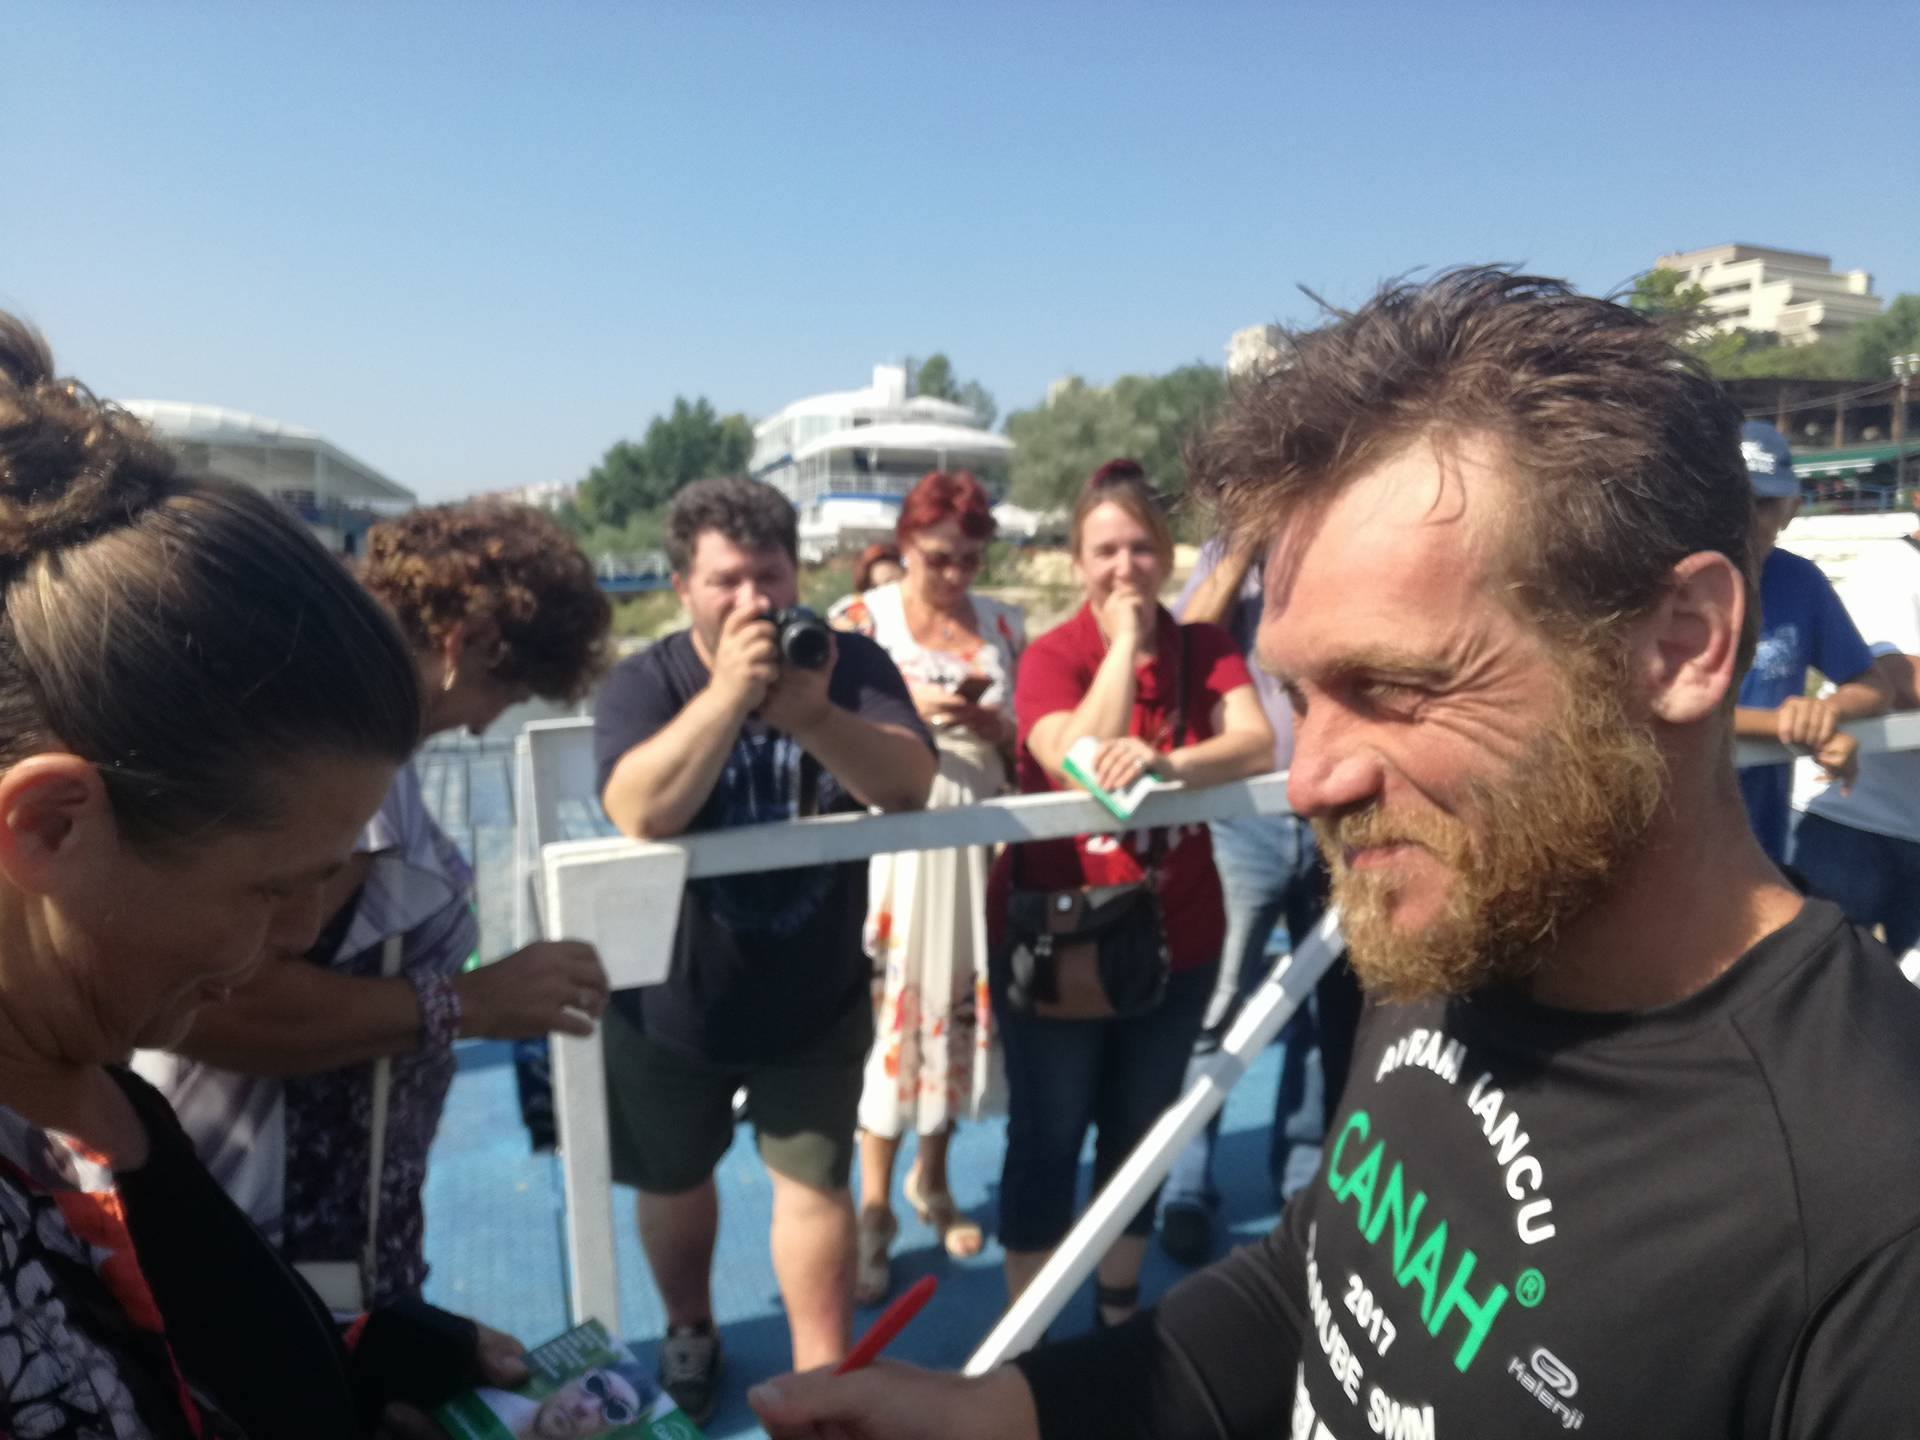 VIDEO | Avram Iancu a reuşit să străbată Dunărea înot, de la izvoare până la vărsare, stabilind un RECORD mondial